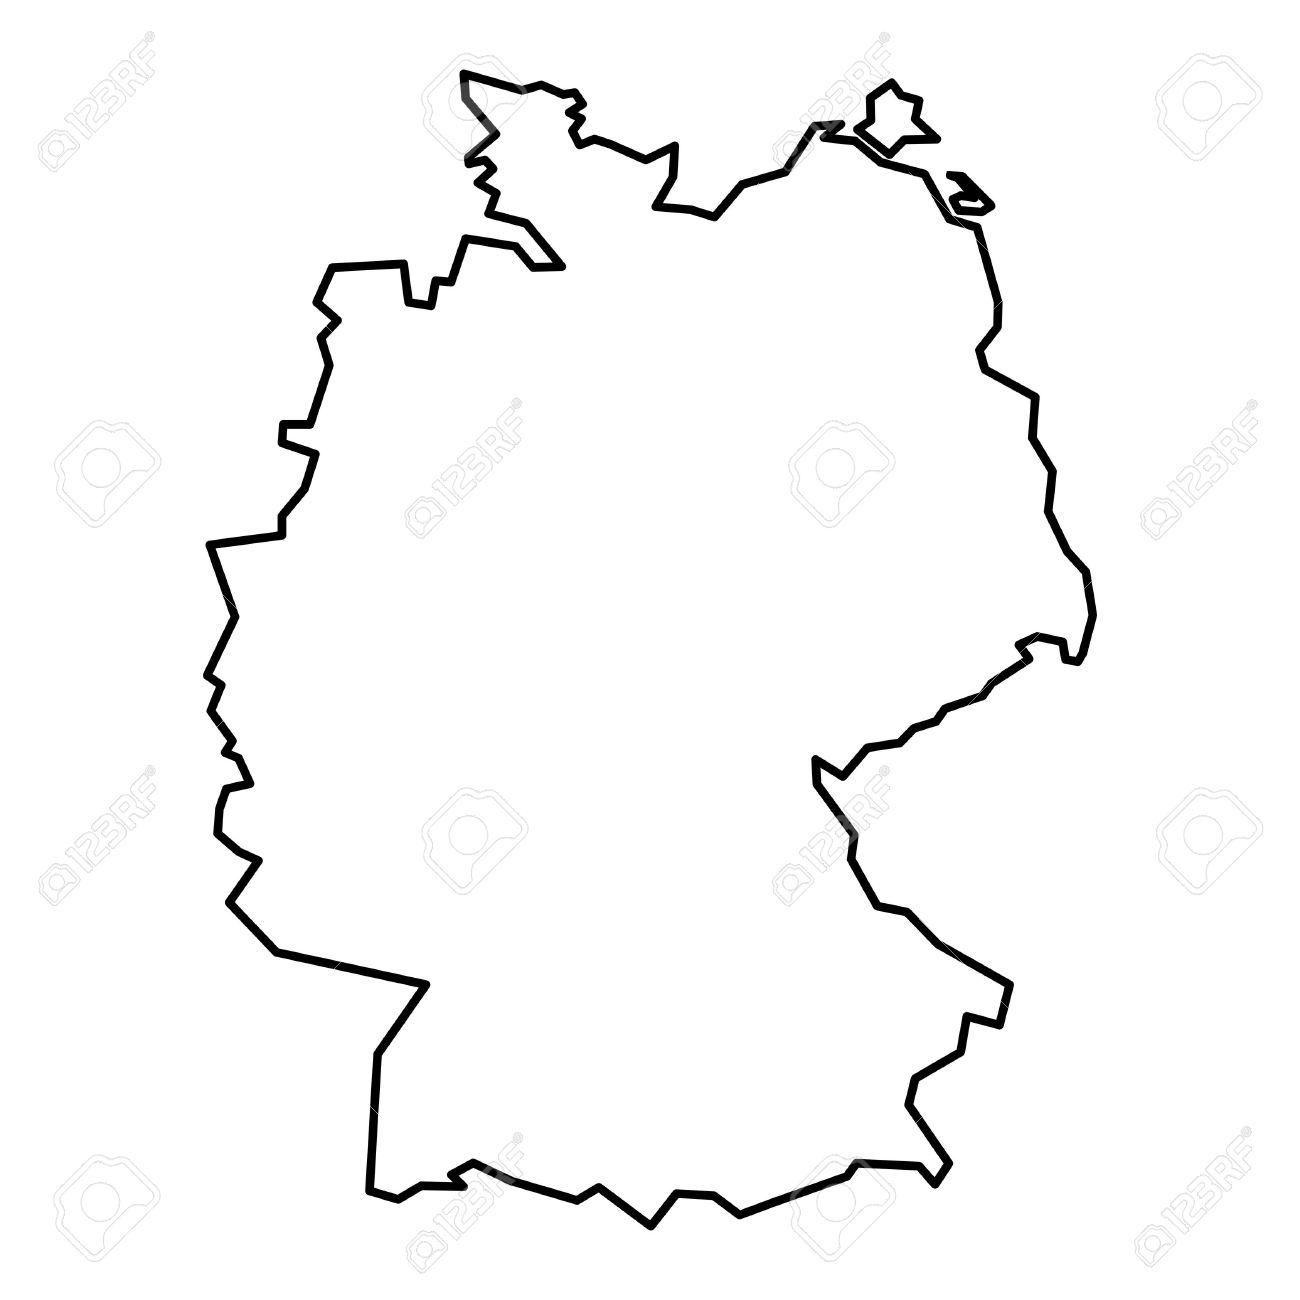 Carte Allemagne Noir Et Blanc.Carte De Contour Simple De L Allemagne Carte De Contour Noir Isolee Sur Fond Blanc